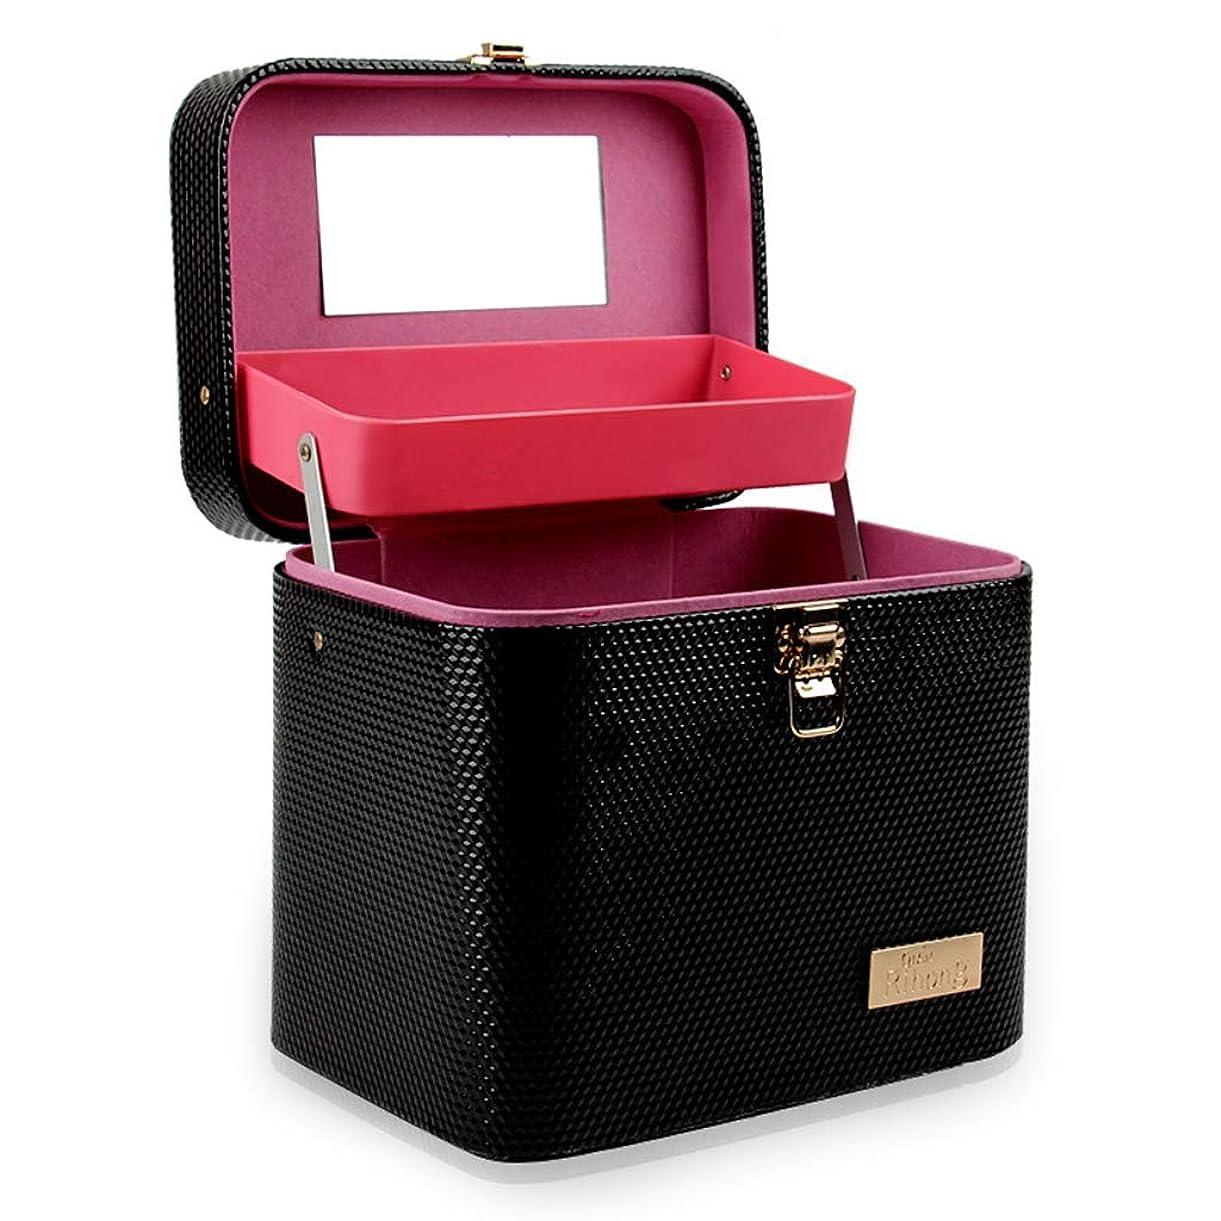 劣る柔らかい壮大[テンカ]メイクボックス コスメボックス 黒 化粧箱 鏡付き 収納ボックス 収納ケース 化粧品?化粧道具入れ 自宅?出張?旅行?アウトドア撮影 プロ用 大容量 取っ手付 多機能